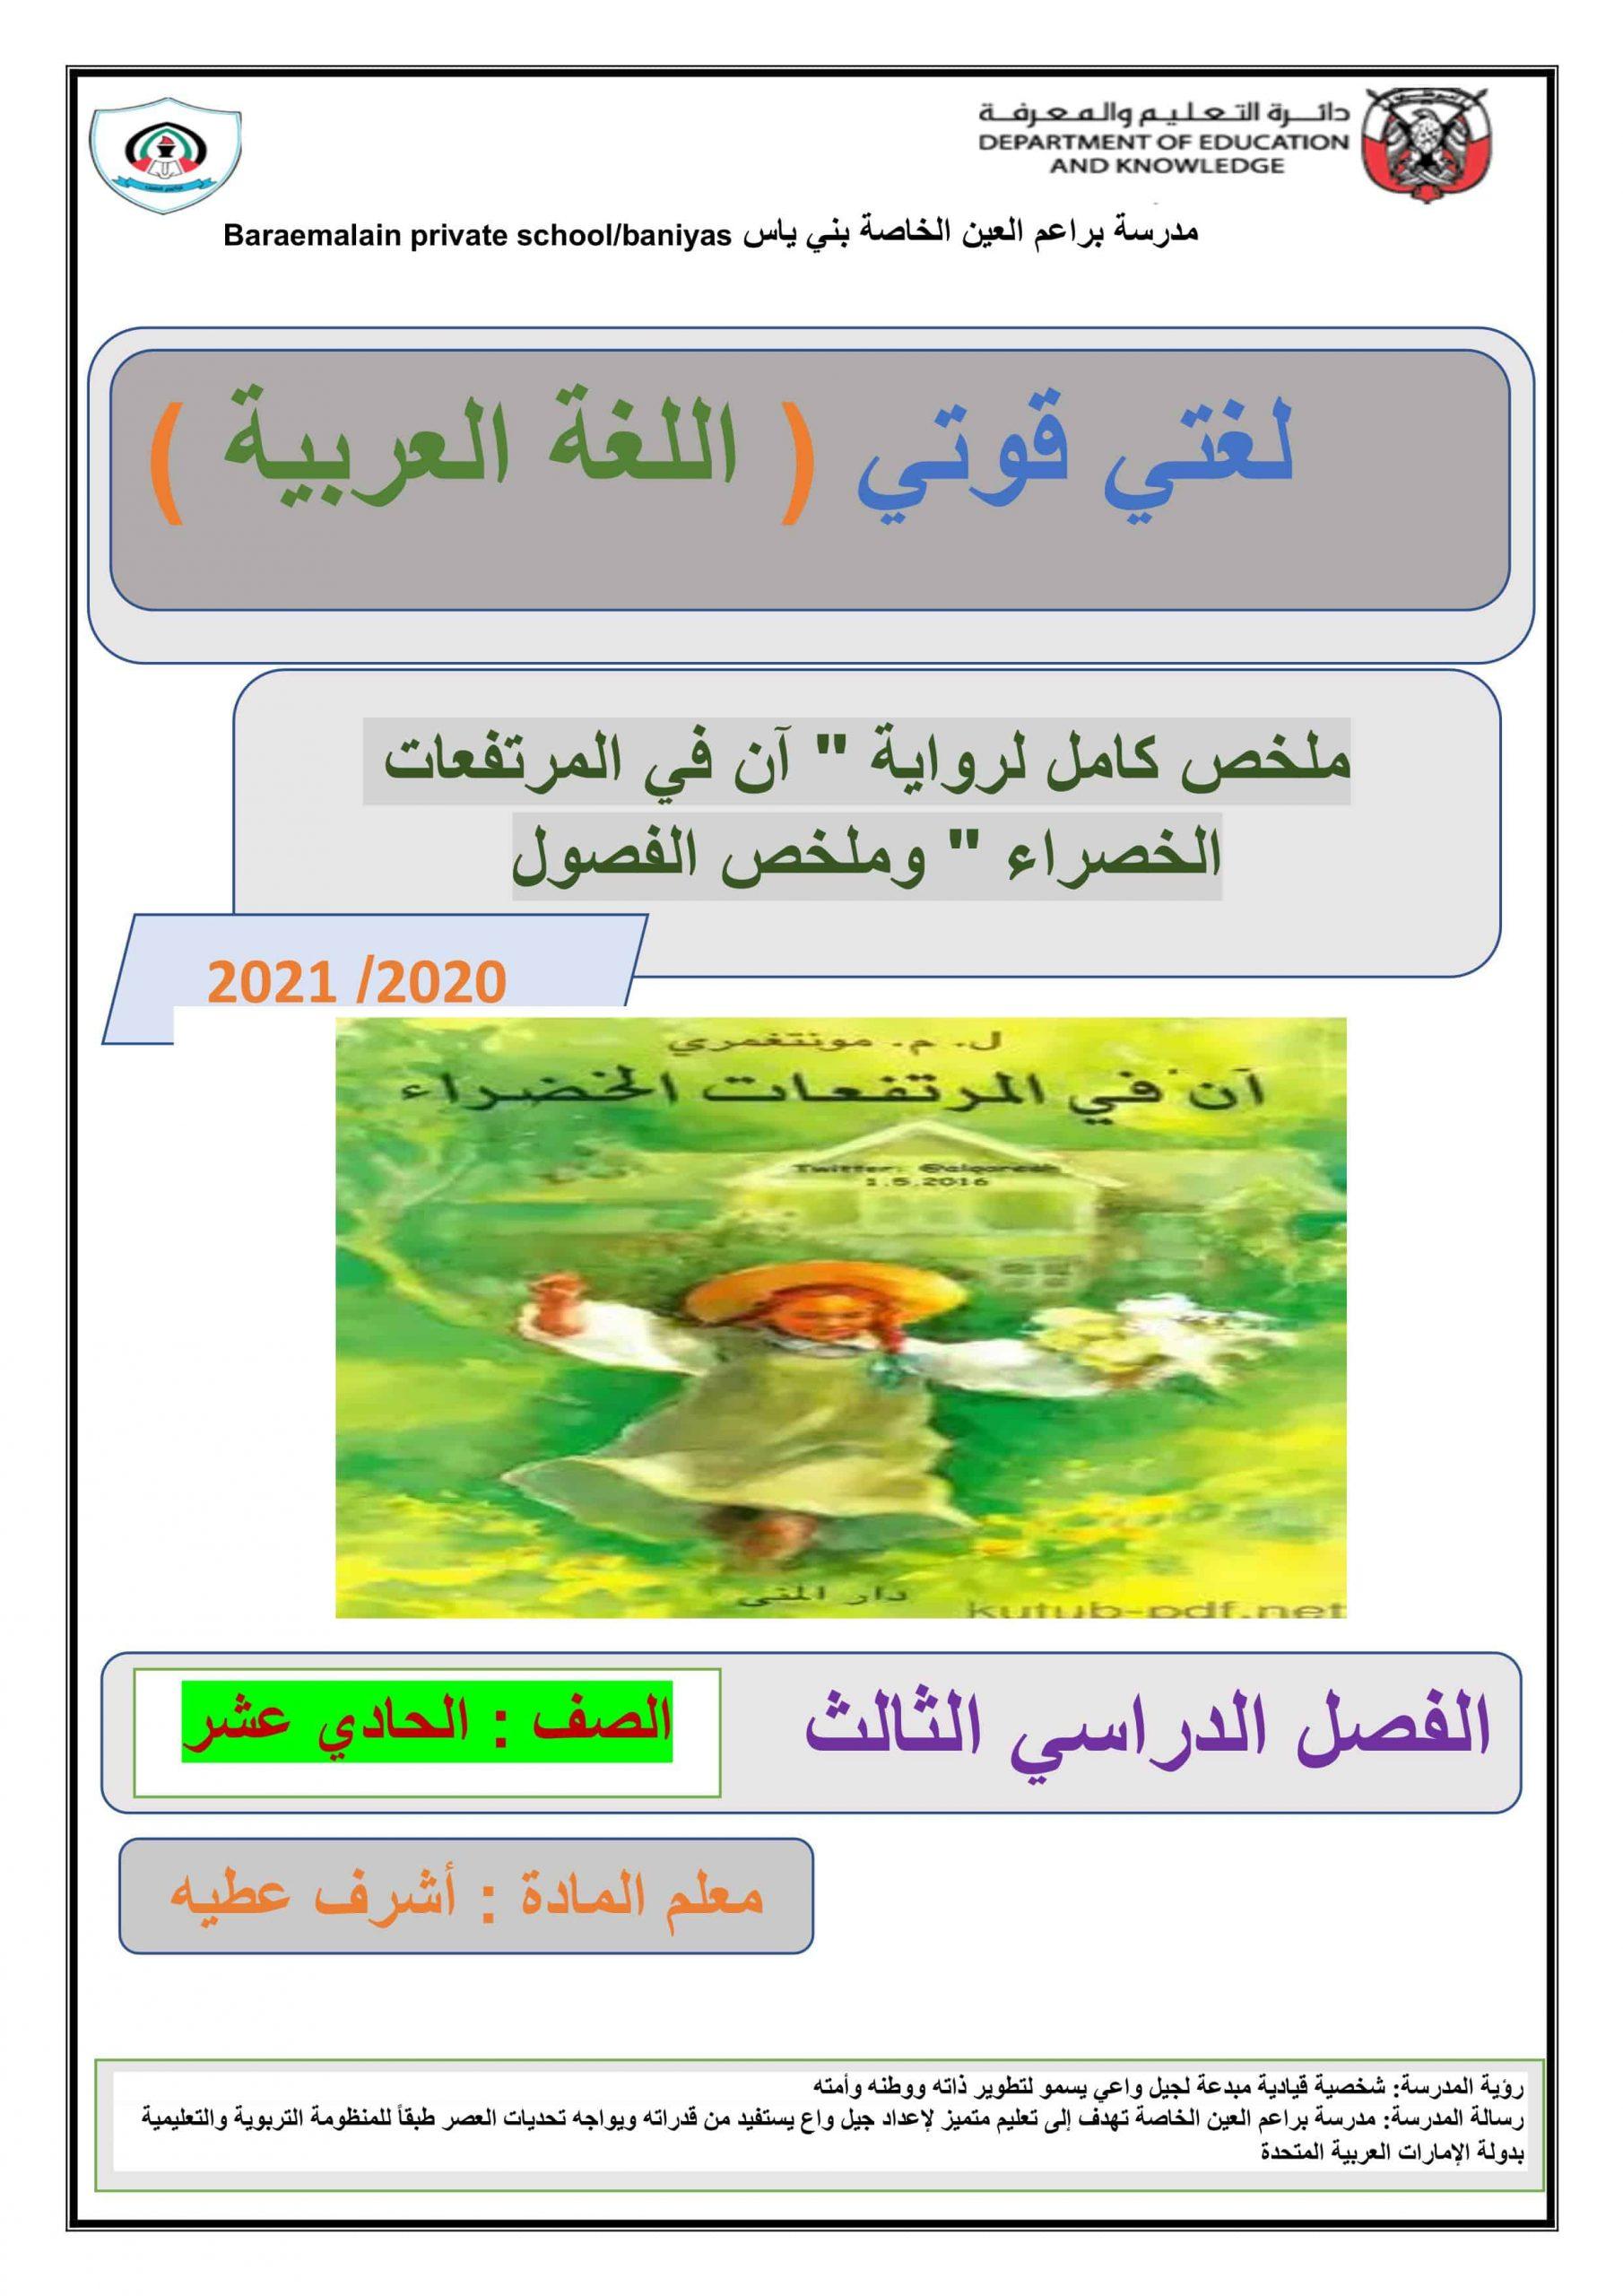 ملخص كامل لرواية آن في المرتفعات الخصراء وملخص الفصول الصف الحادي عشر مادة اللغة العربية